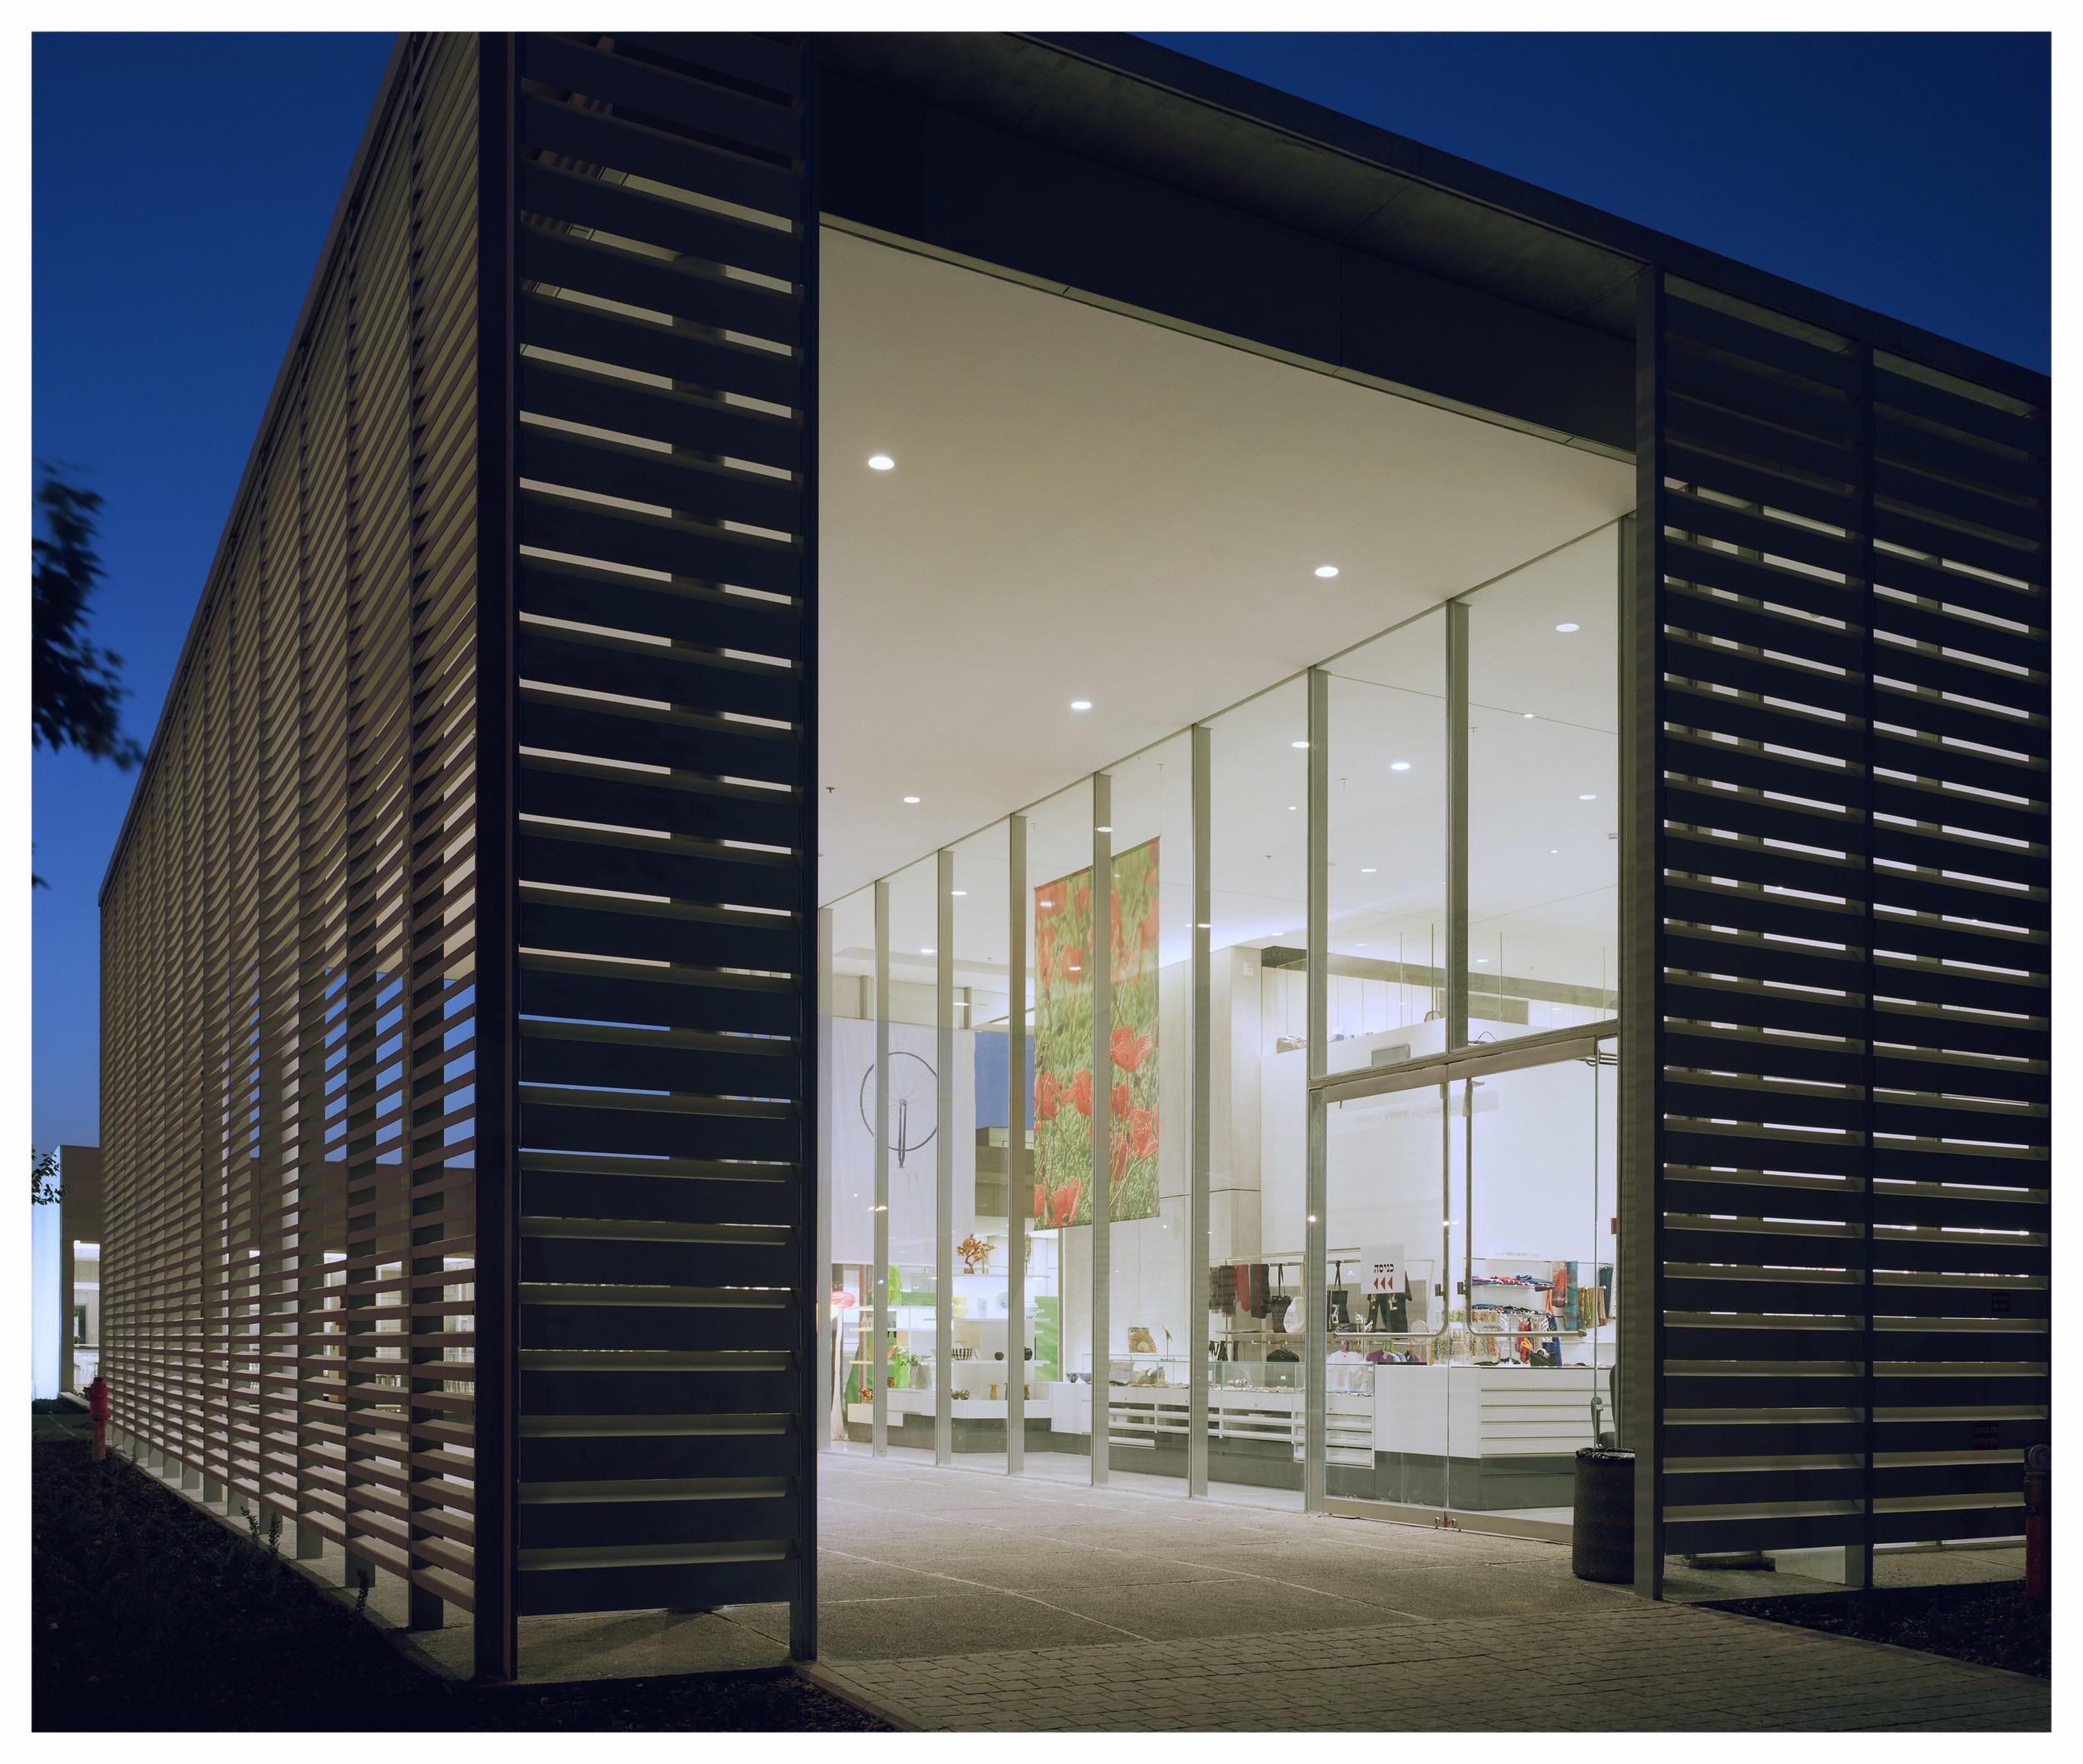 IsraelMuseum_08.jpg